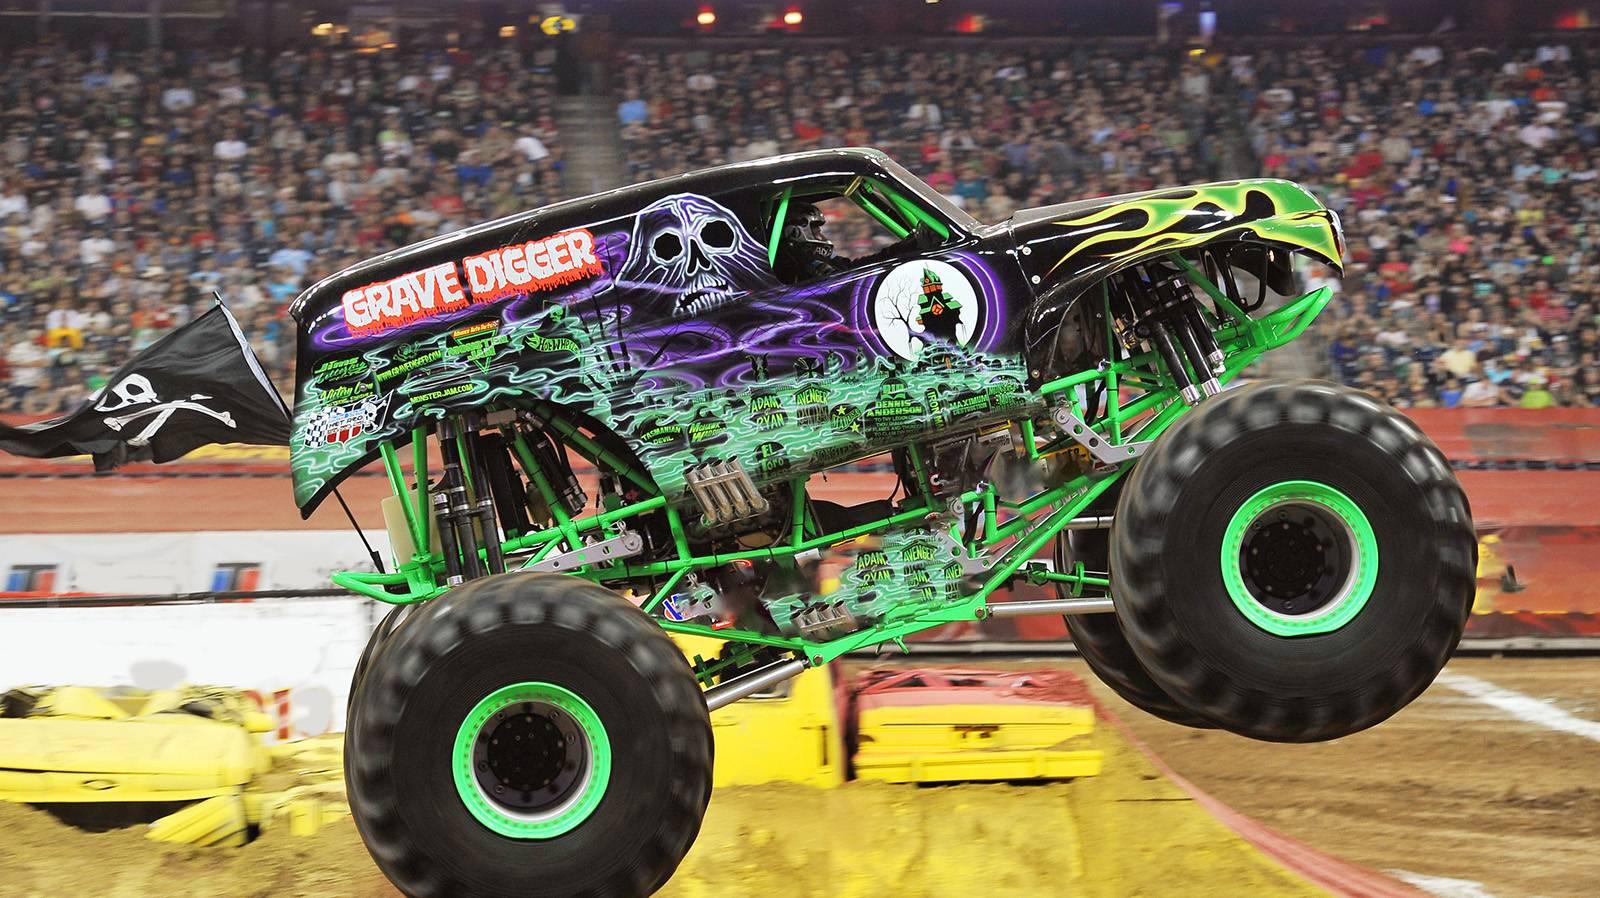 Hot Wheels Monster Trucks Live (Rescheduled from 4/5)